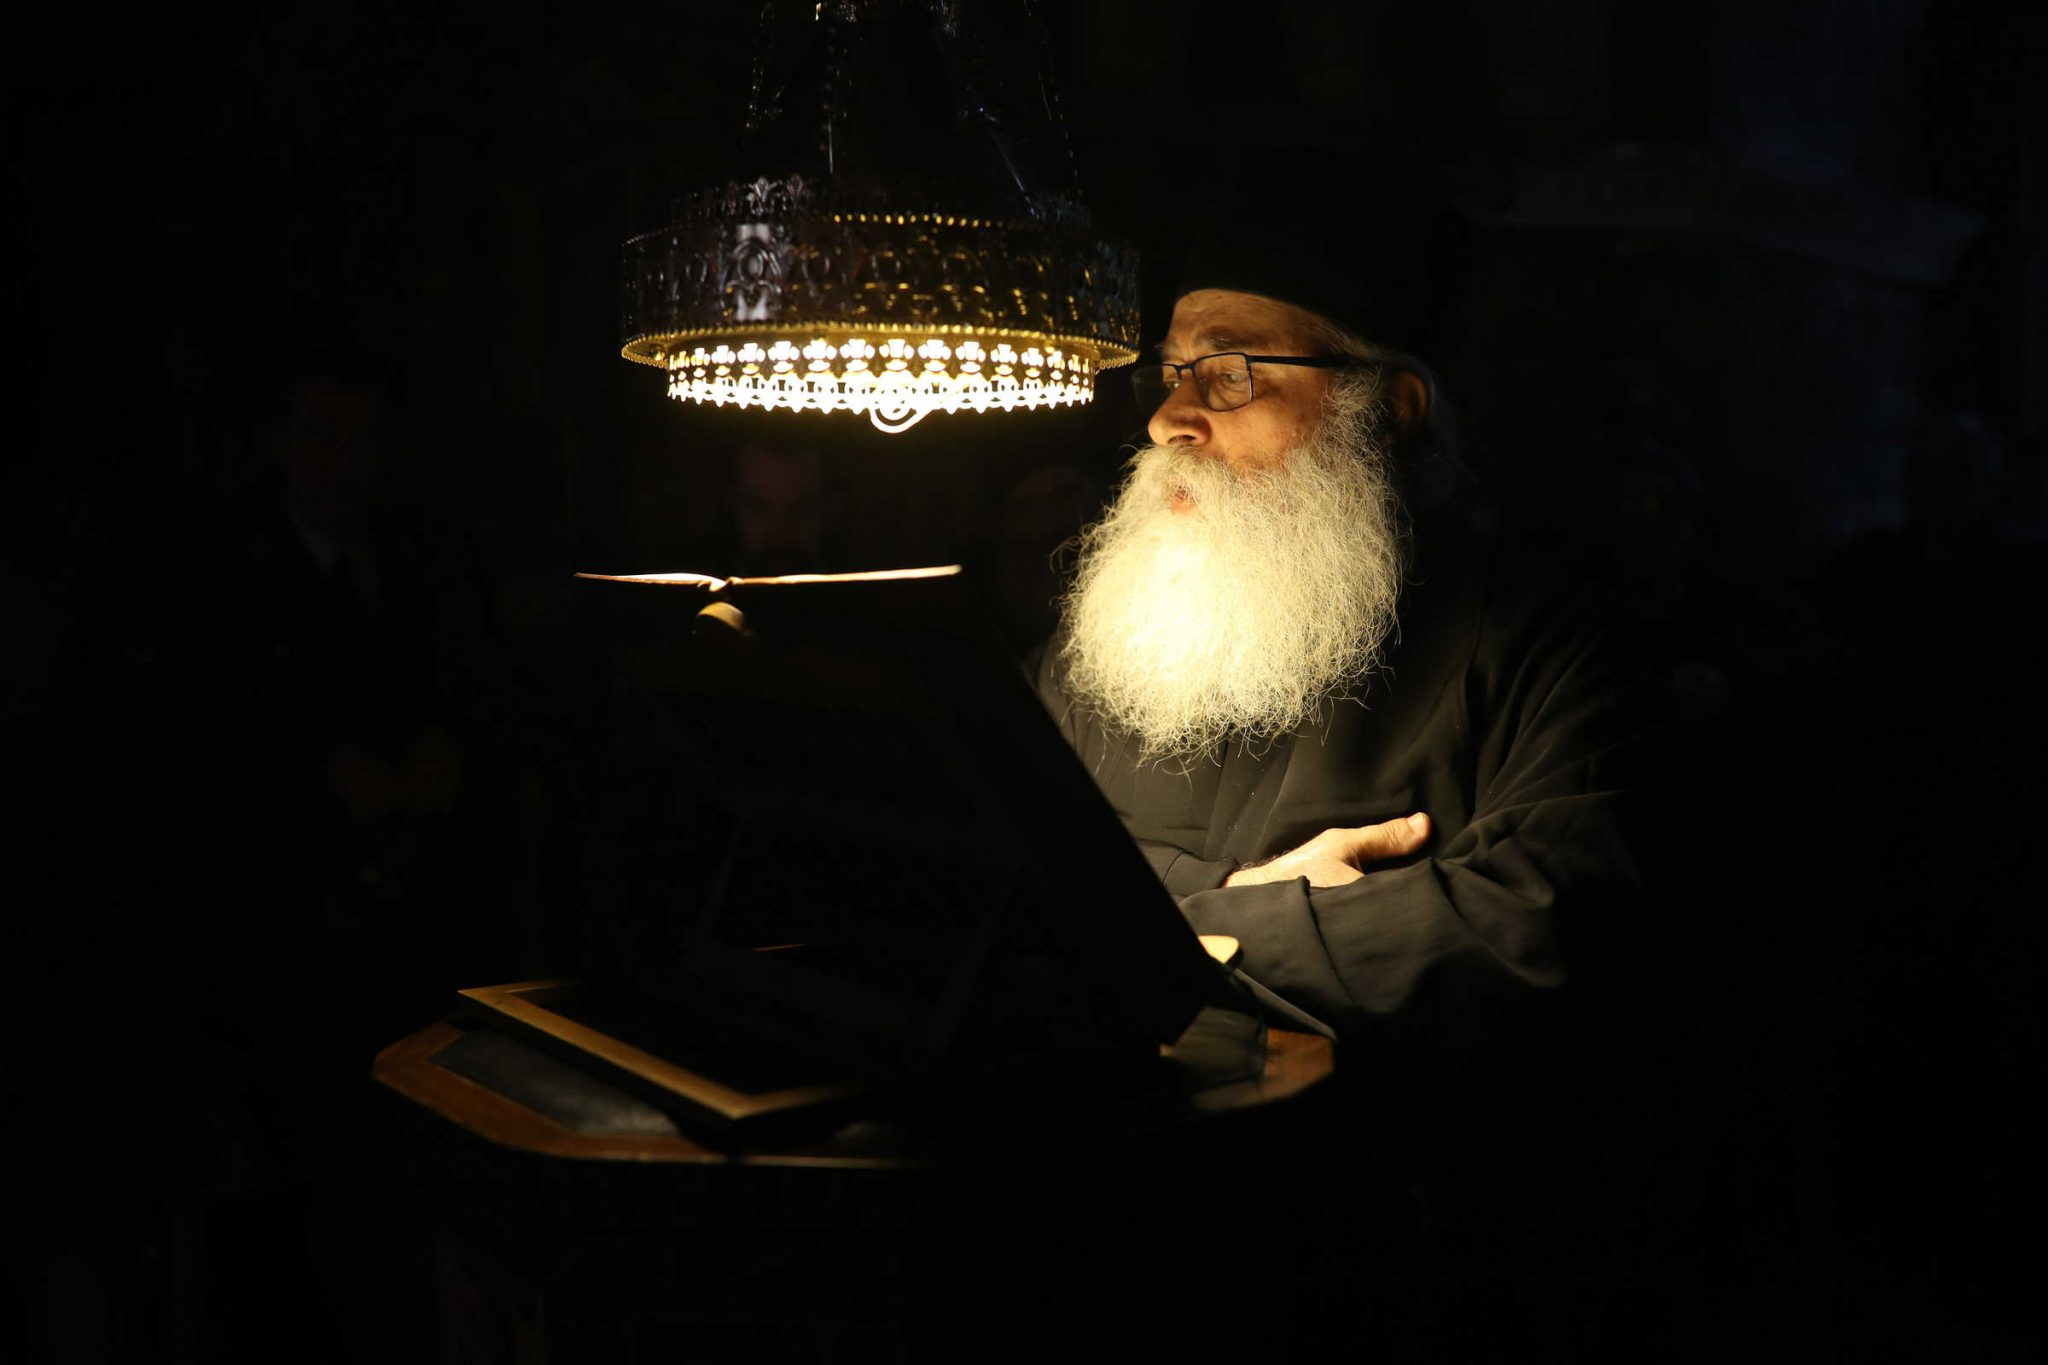 The Orthodox Priest - (C) Vatopedi monastery, Mount Athos